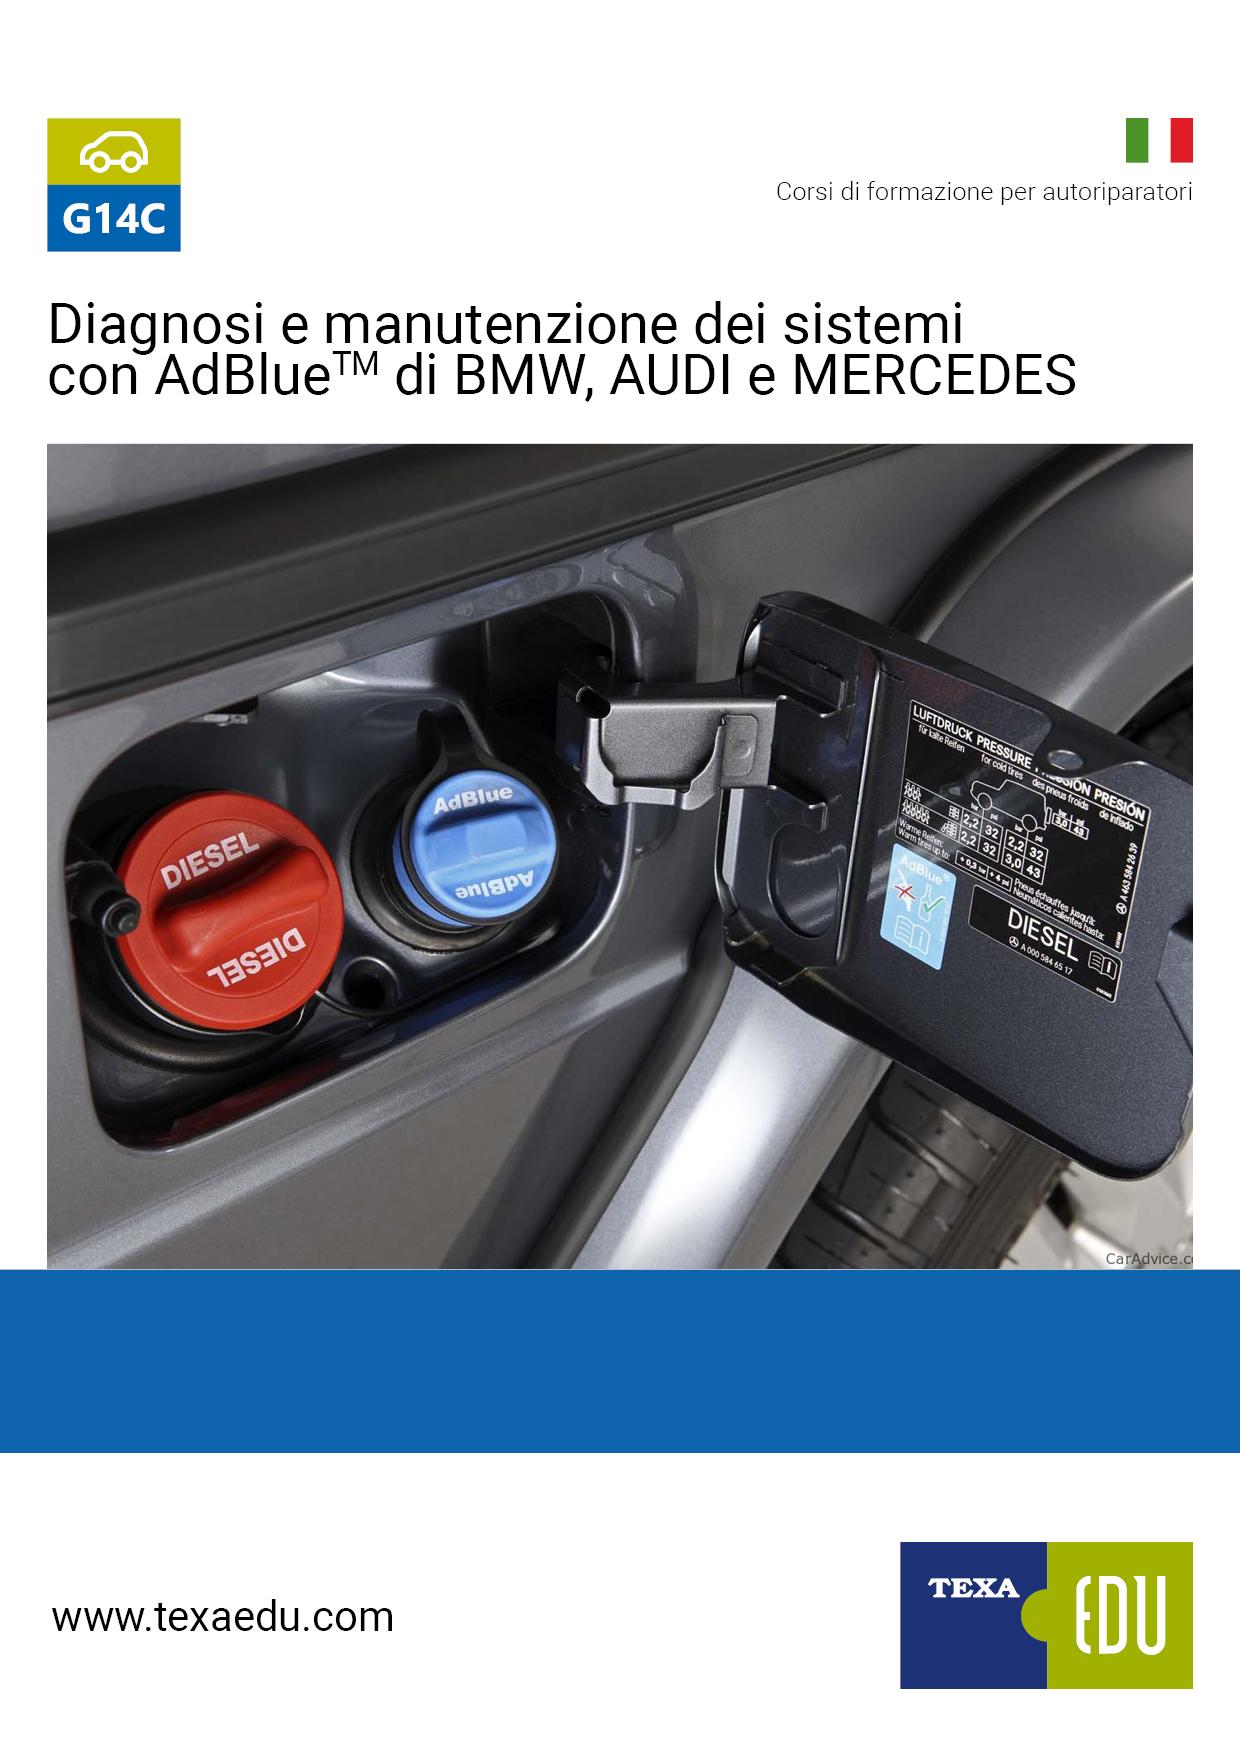 G14C: DIAGNOSI E MANUTENZIONE DEI SISTEMI AdBlue® DI BMW, AUDI E MERCEDES